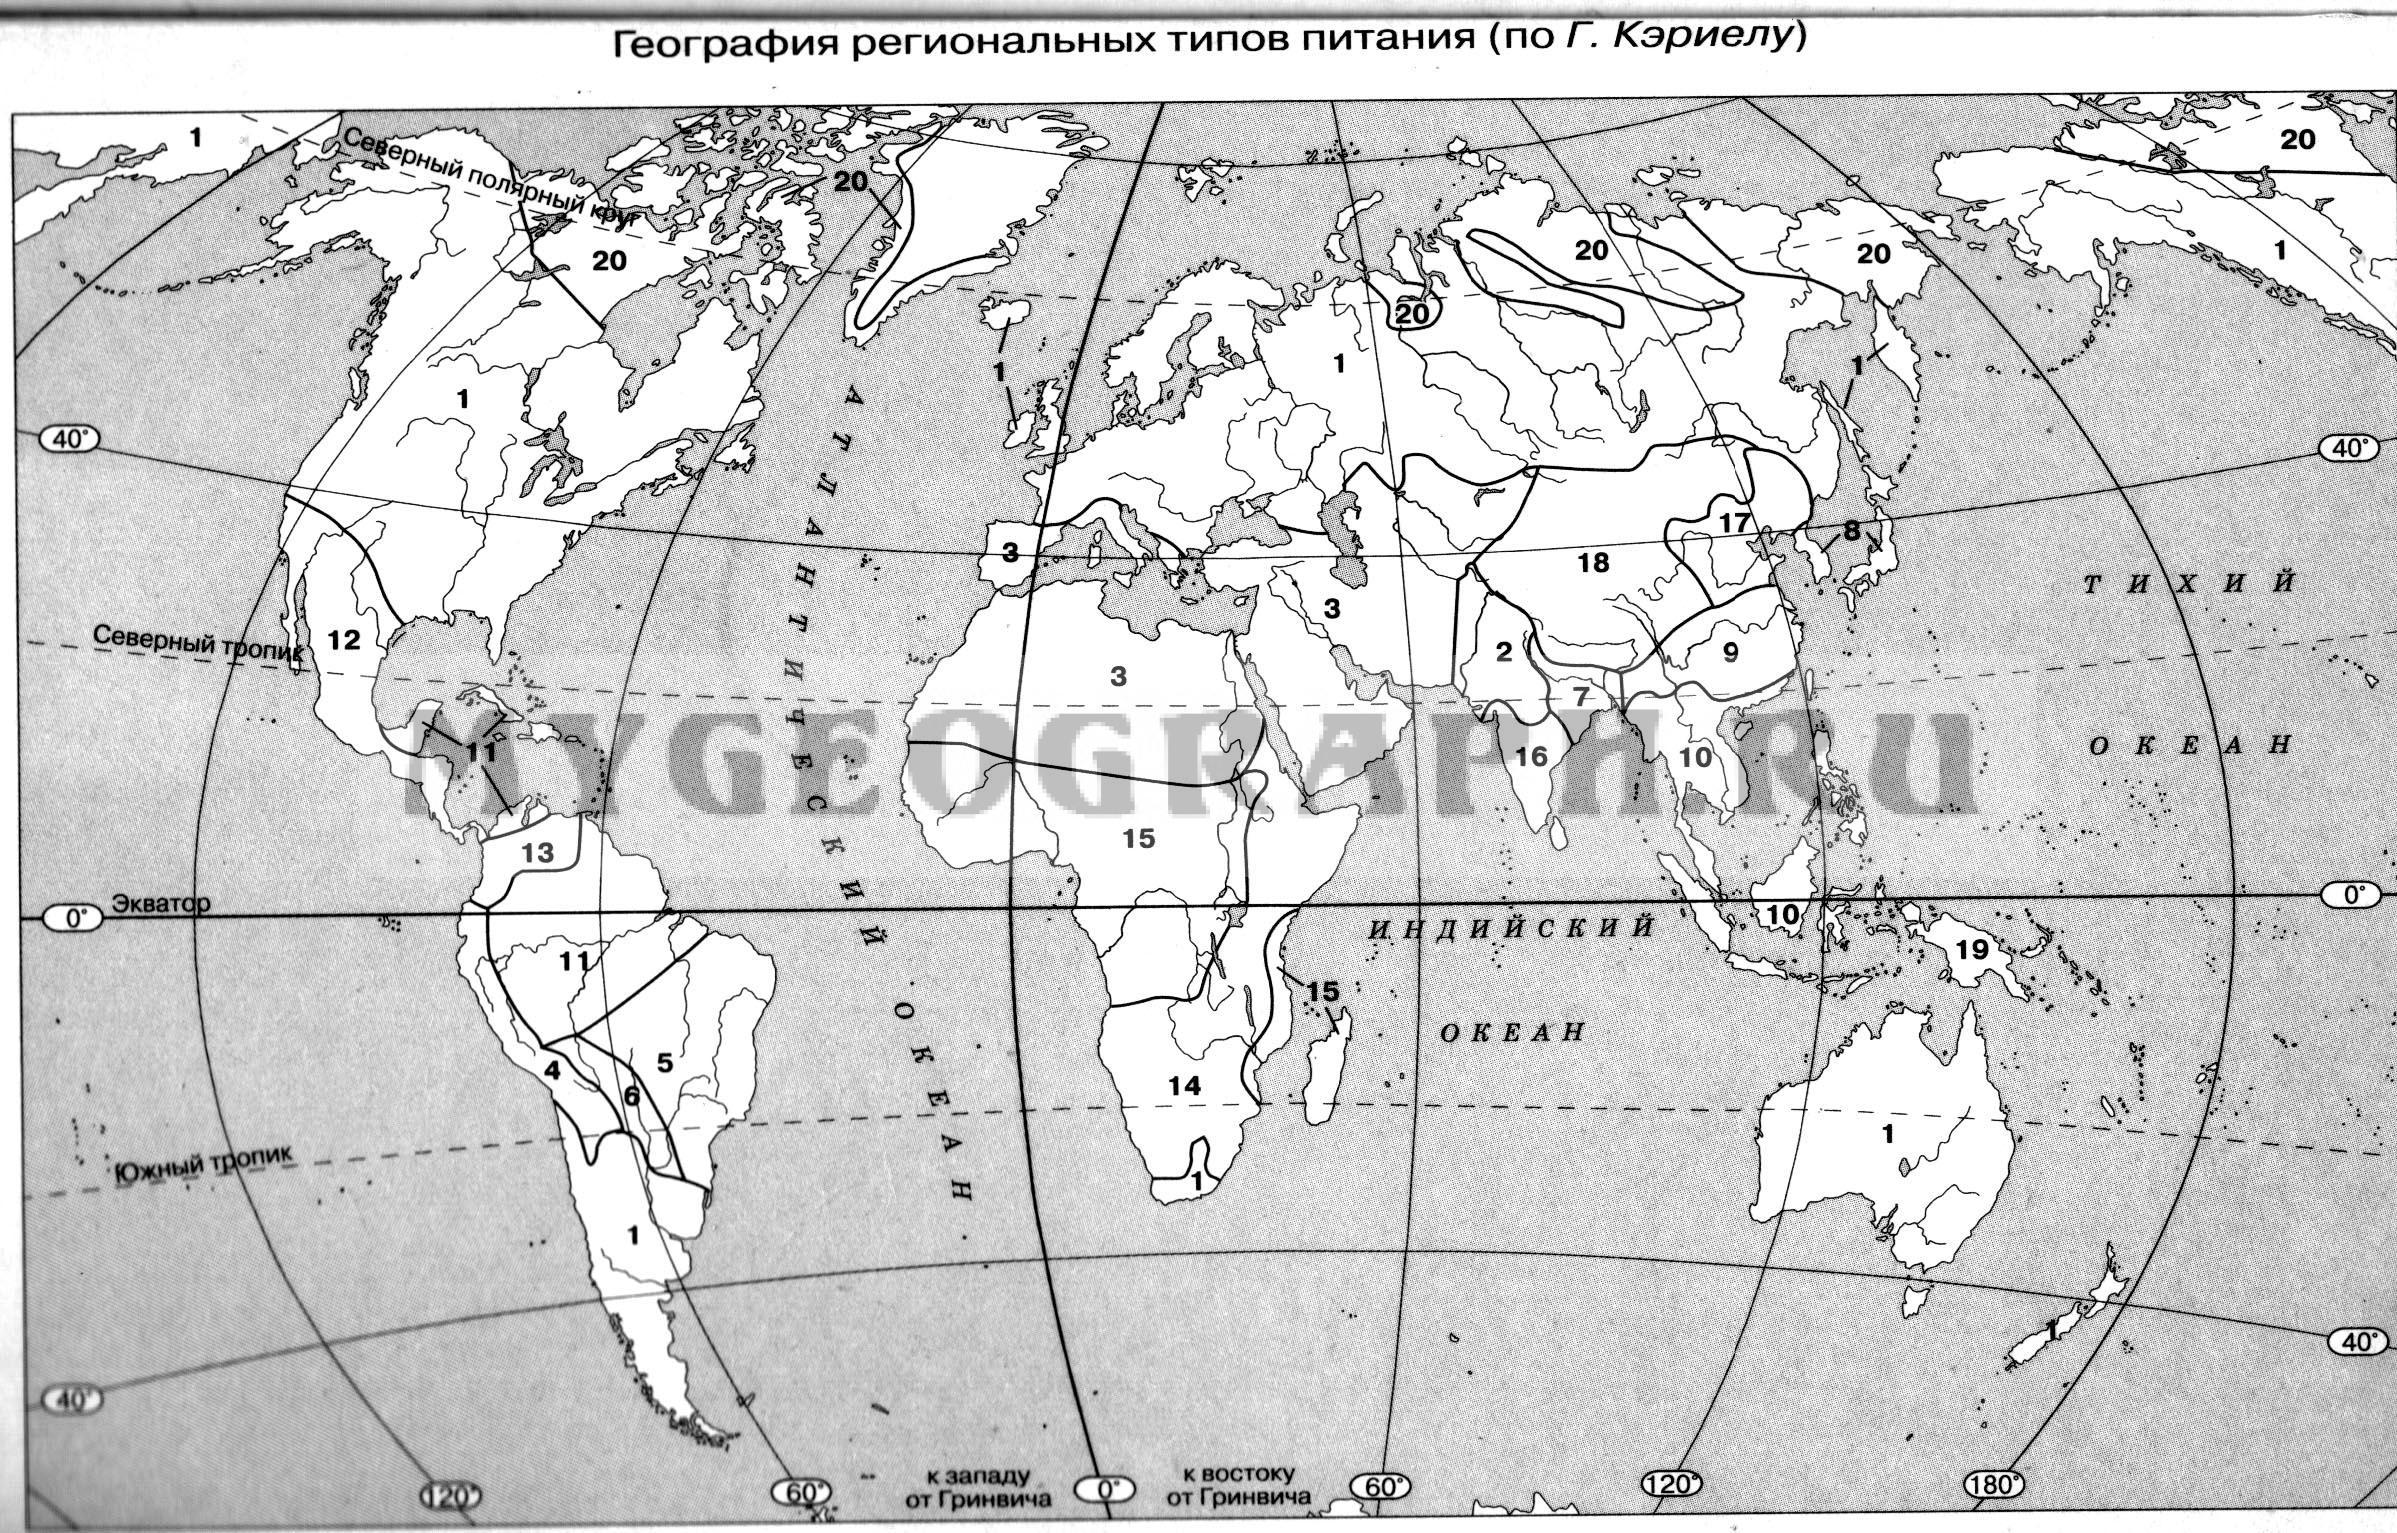 Карта Характеристики региональных типов питания